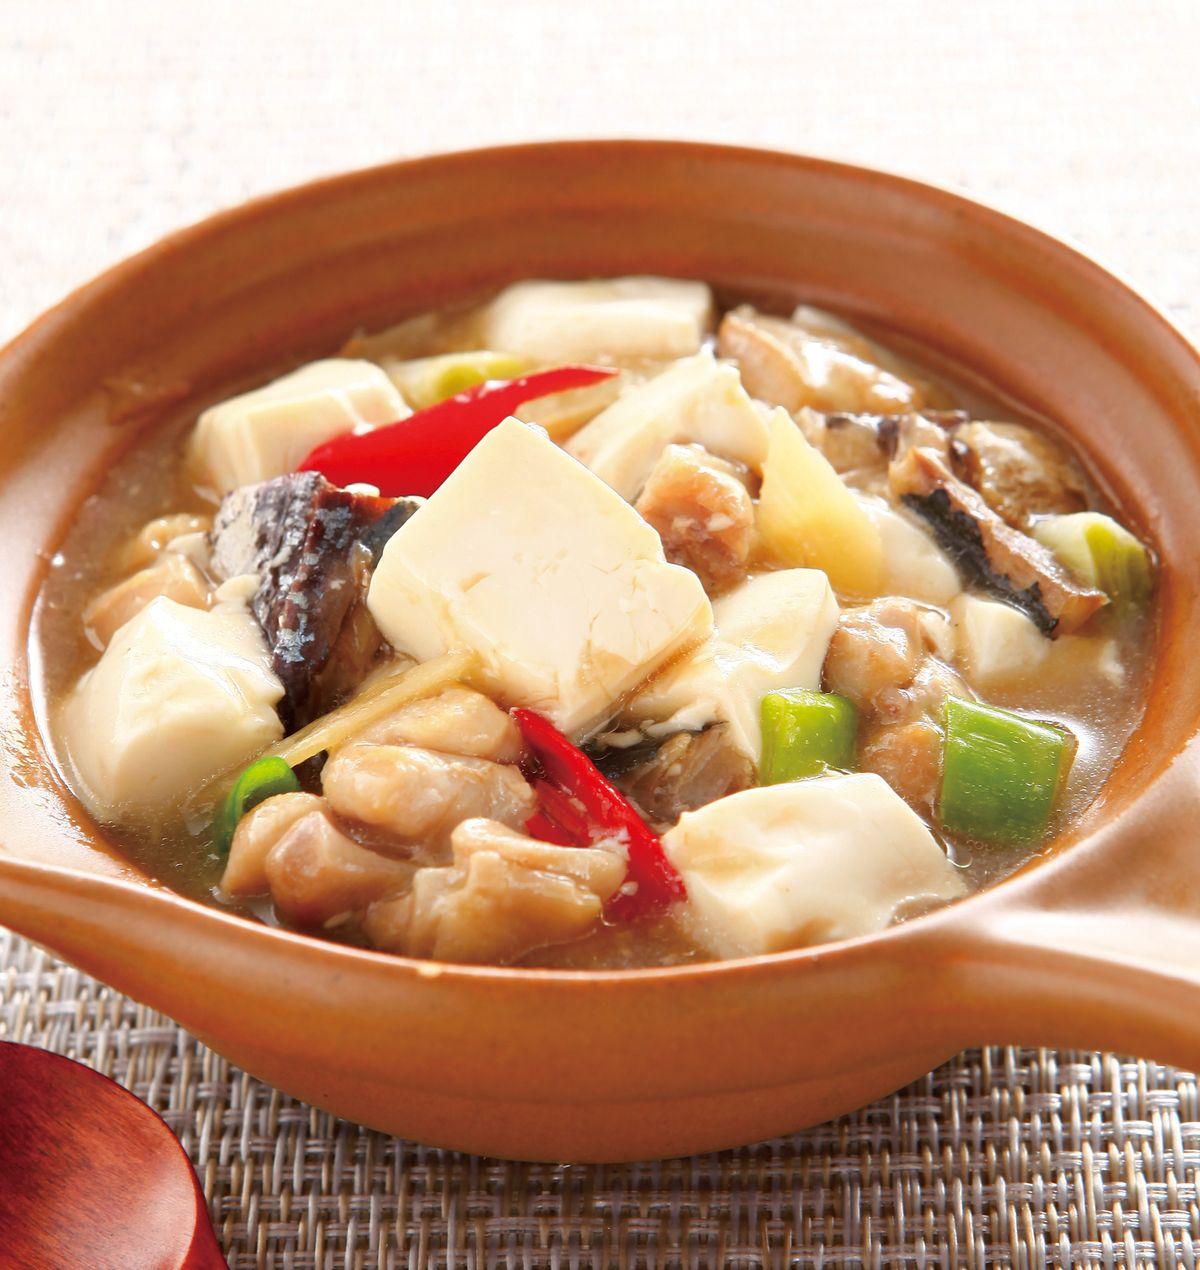 食譜:鹹魚雞粒豆腐